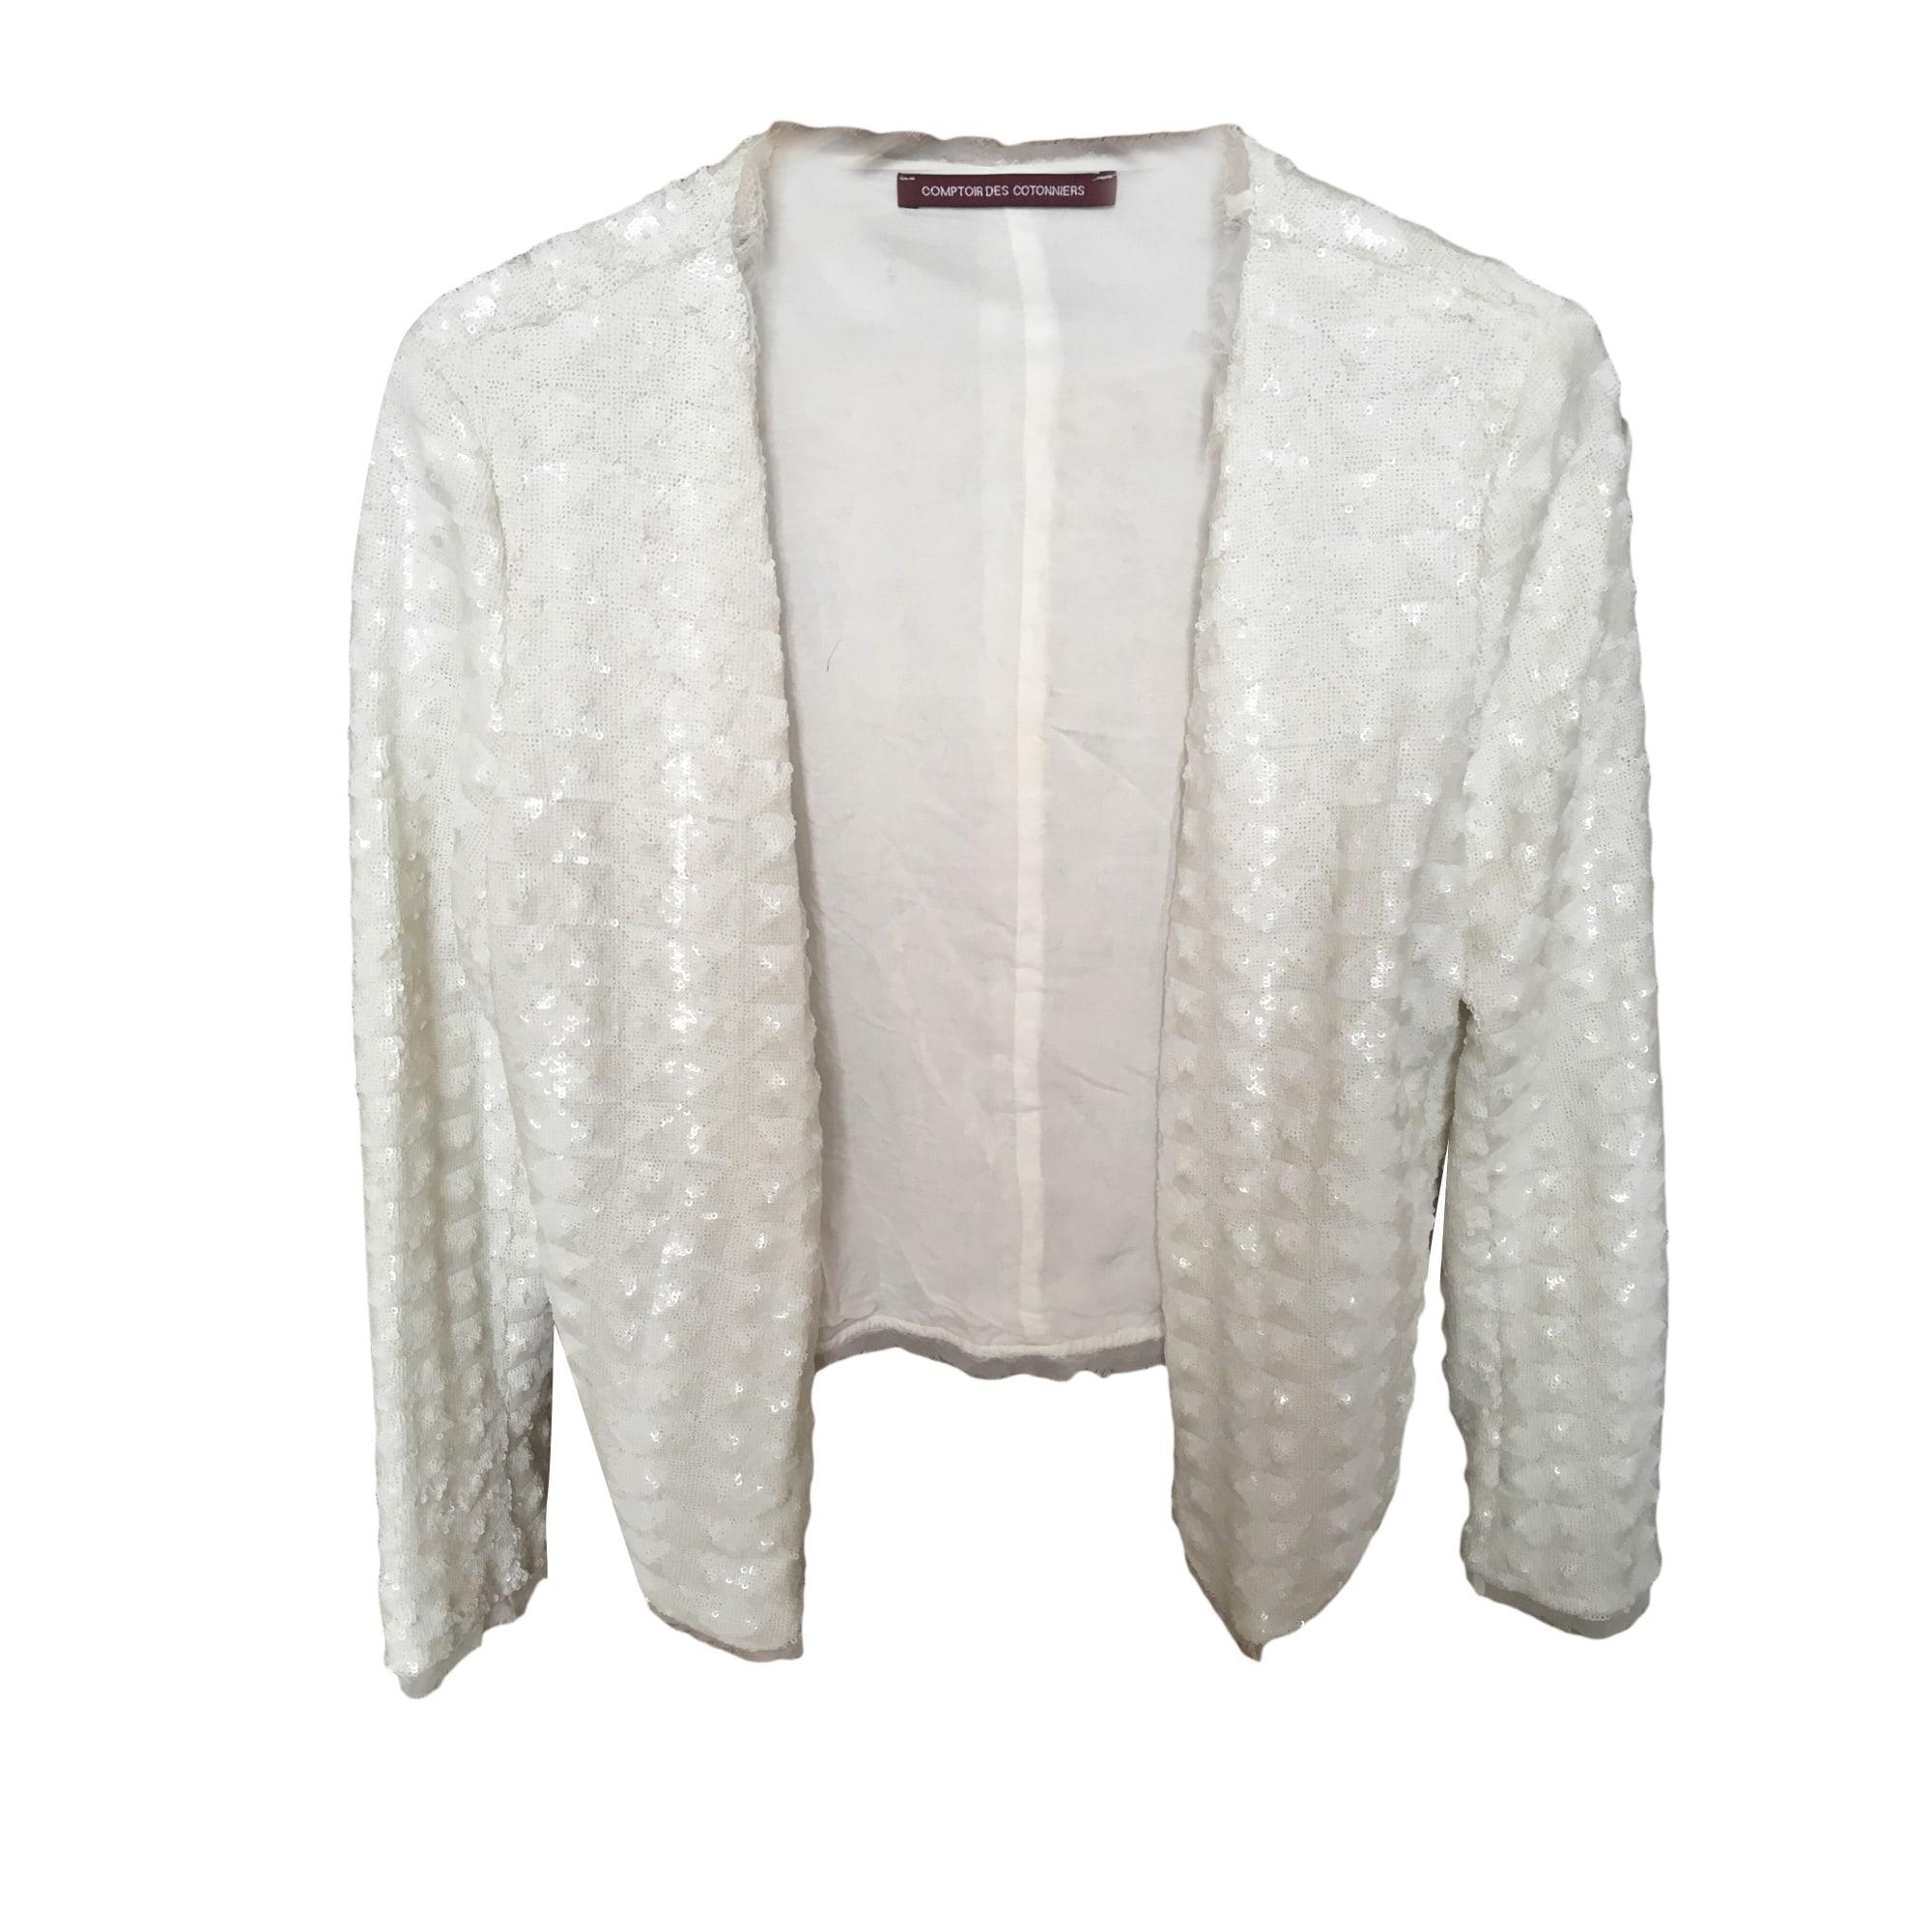 Blazer T2 Veste Des Tailleur m Comptoir Cotonniers Blanc 38 rrxzw